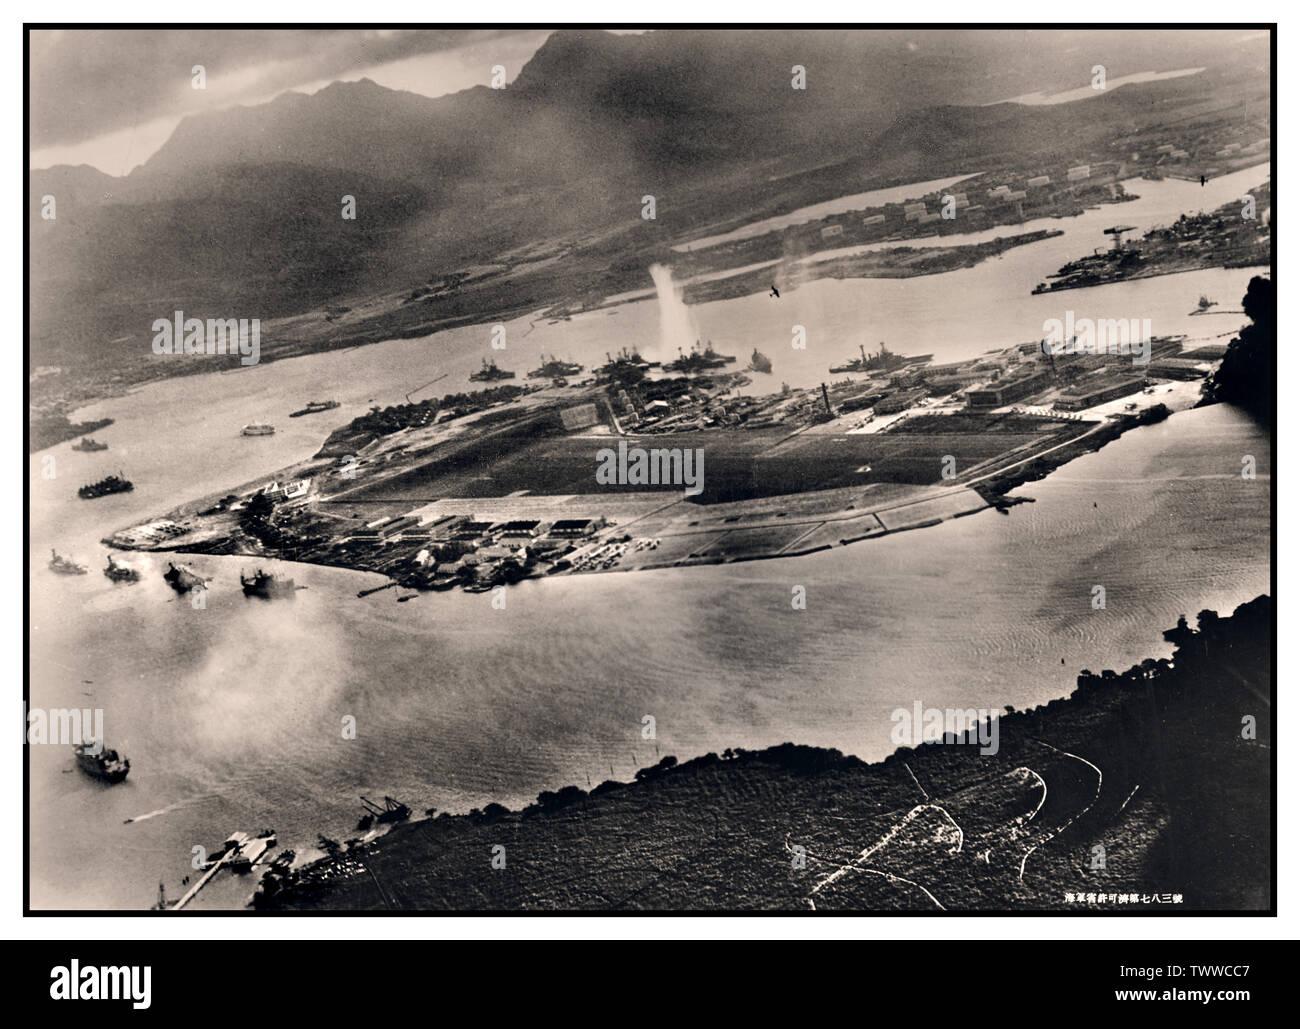 Pearl Harbor Vintage WW2 attacco del porto, 7 dicembre 1941 Immagine da un piano giapponese durante il siluro attacco contro le navi ormeggiate su entrambi i lati di Ford Island. Guarda in su a est, con il deposito di approvvigionamento, la base sottomarina e serbatoio carburante in fattoria la giusta distanza dal centro. Un siluro ha appena colpito USS West Virginia sul lato lontano della Ford Island (centro). Altre corazzate ormeggiata nelle vicinanze sono (da sinistra): Nevada, Arizona, Tennessee (all' interno del West Virginia), Oklahoma (silurato e listing) al fianco di Maryland e California. Immagini Stock